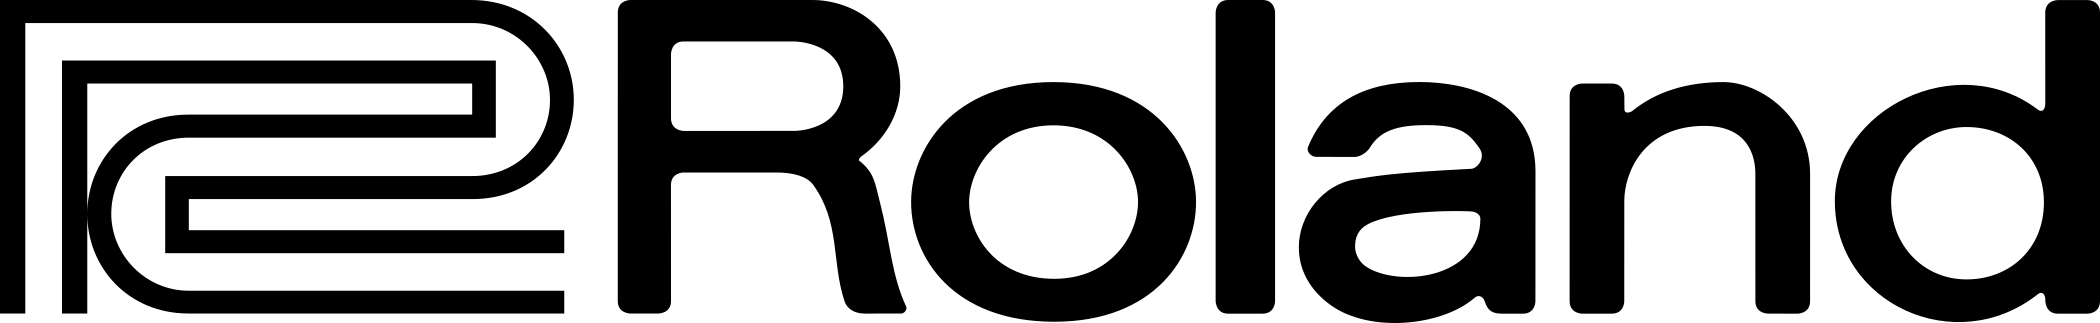 roland logo 4 - Roland Logo